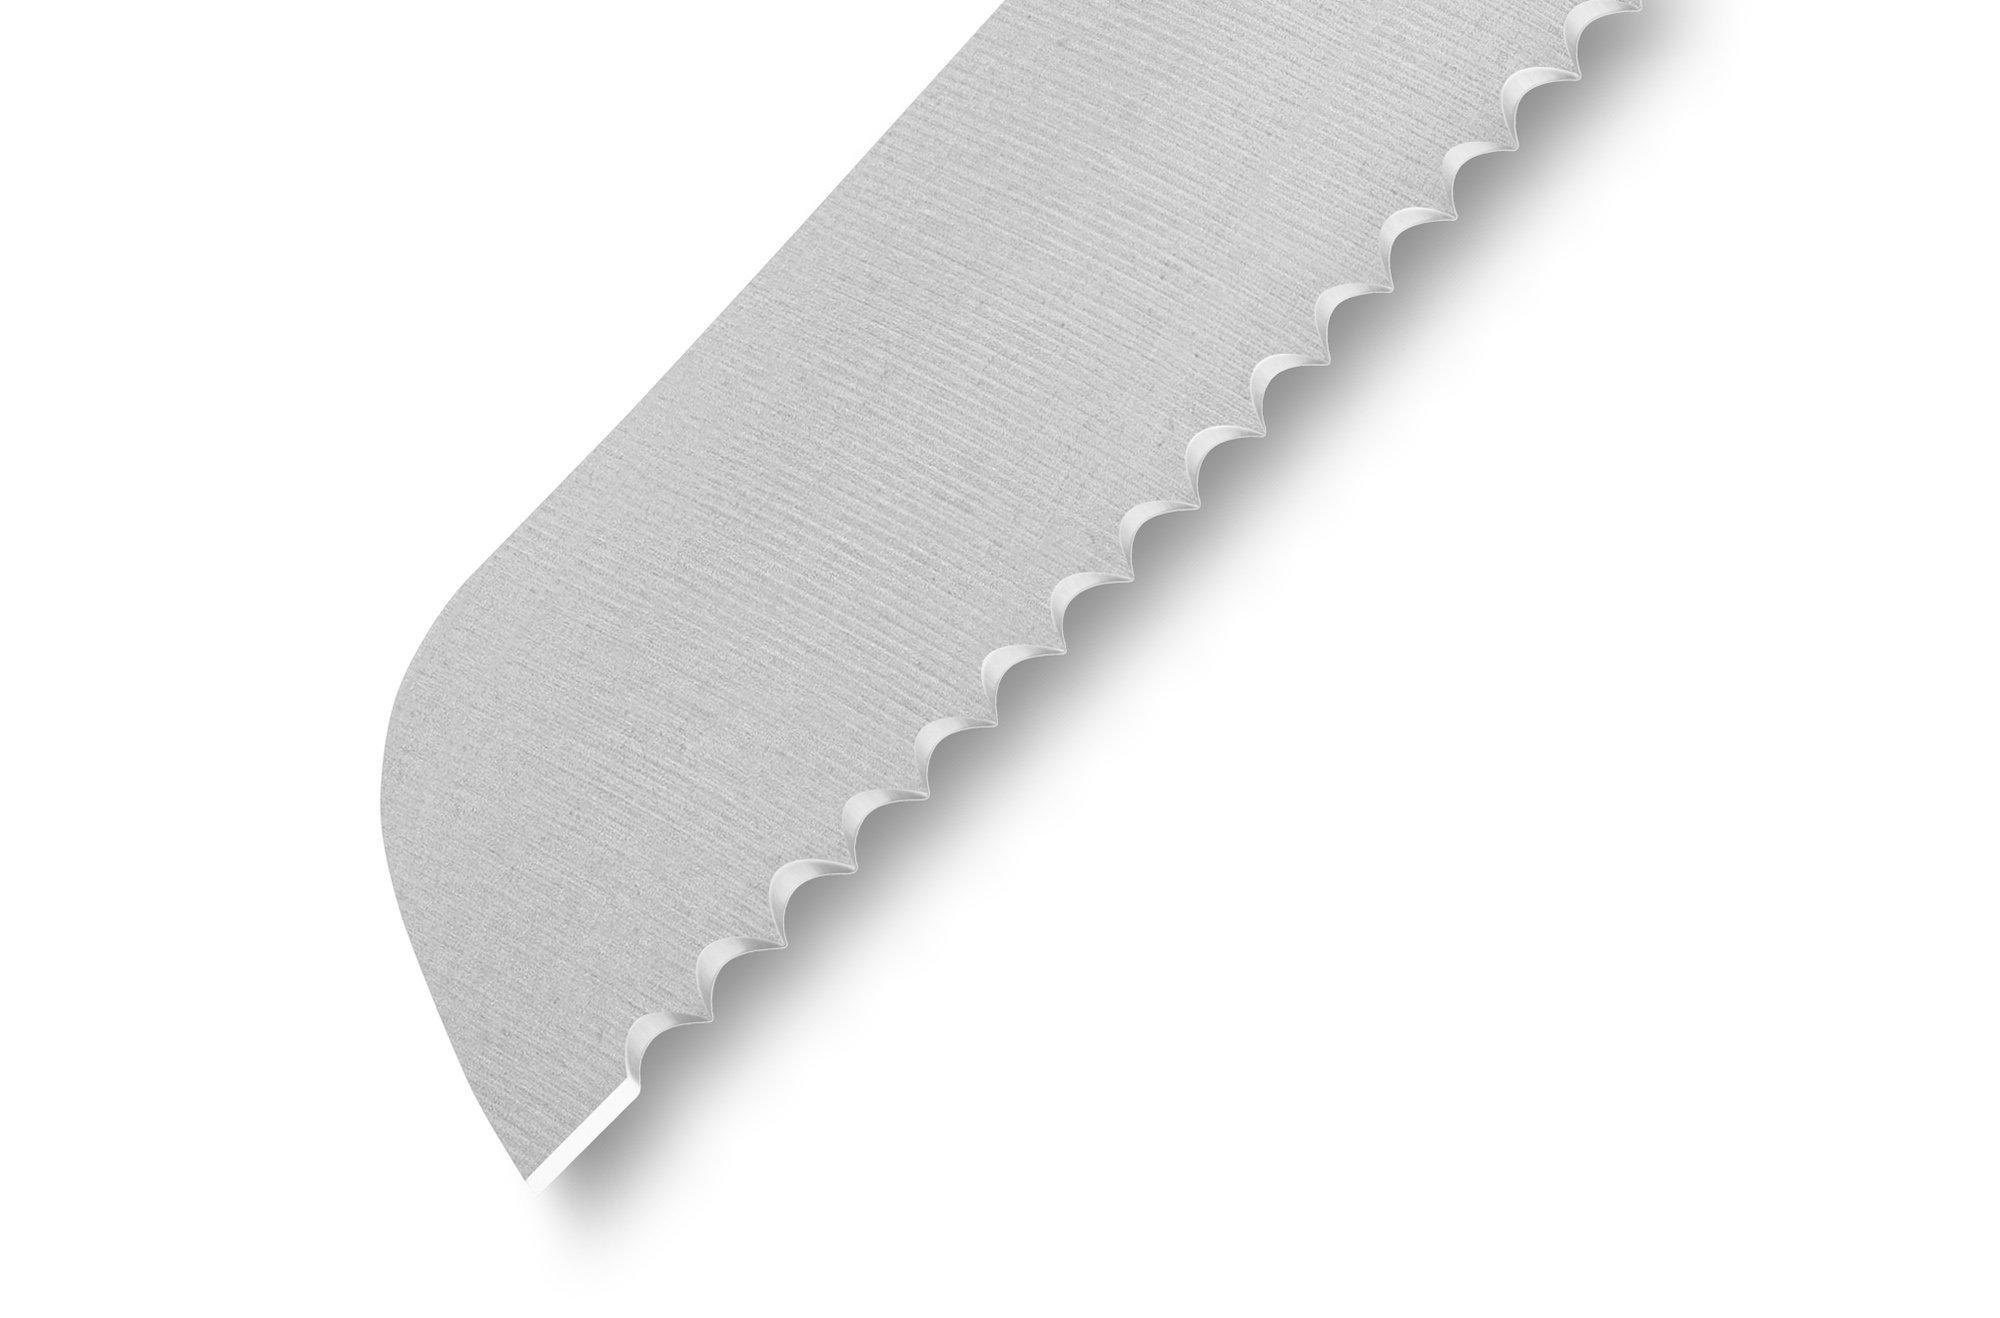 Фото 7 - Нож для хлеба Samura Golf SG-0055/K, сталь AUS-8, рукоять полипропилен